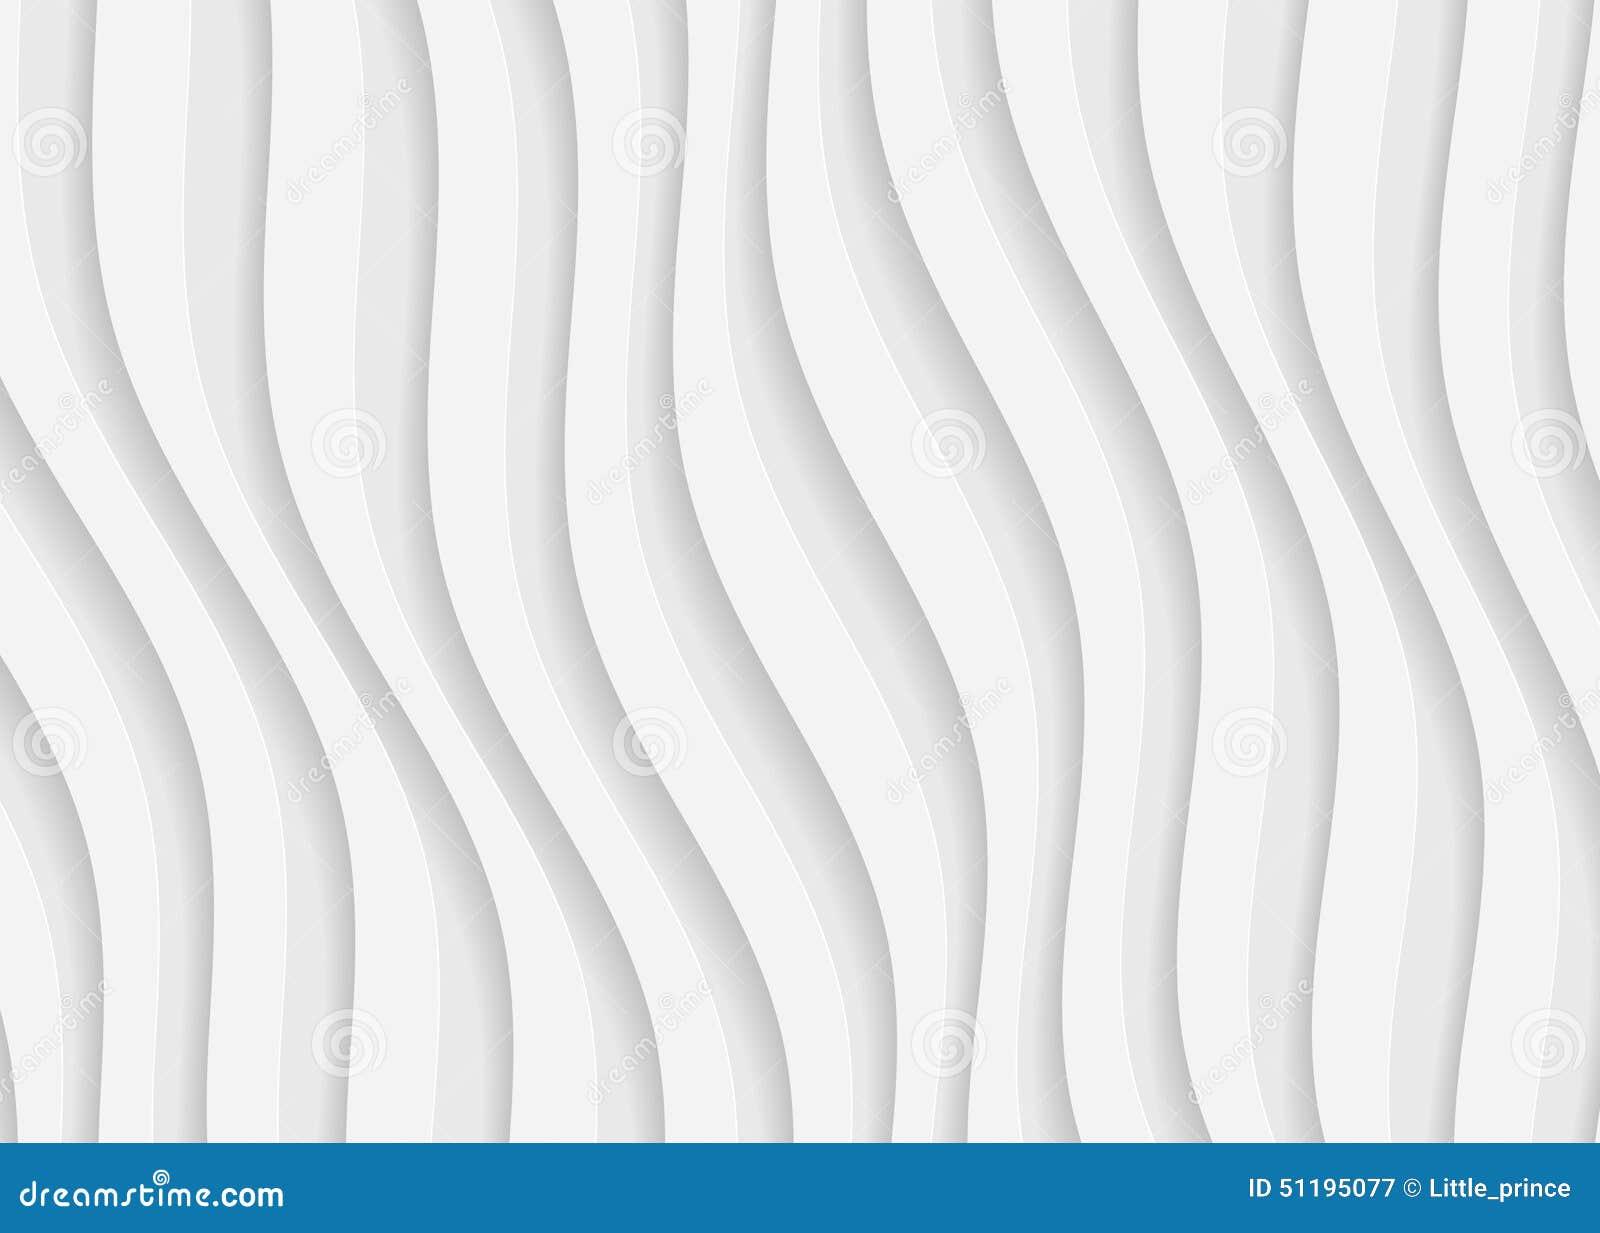 Witboek geometrisch patroon, abstract malplaatje als achtergrond voor website, banner, adreskaartje, uitnodiging